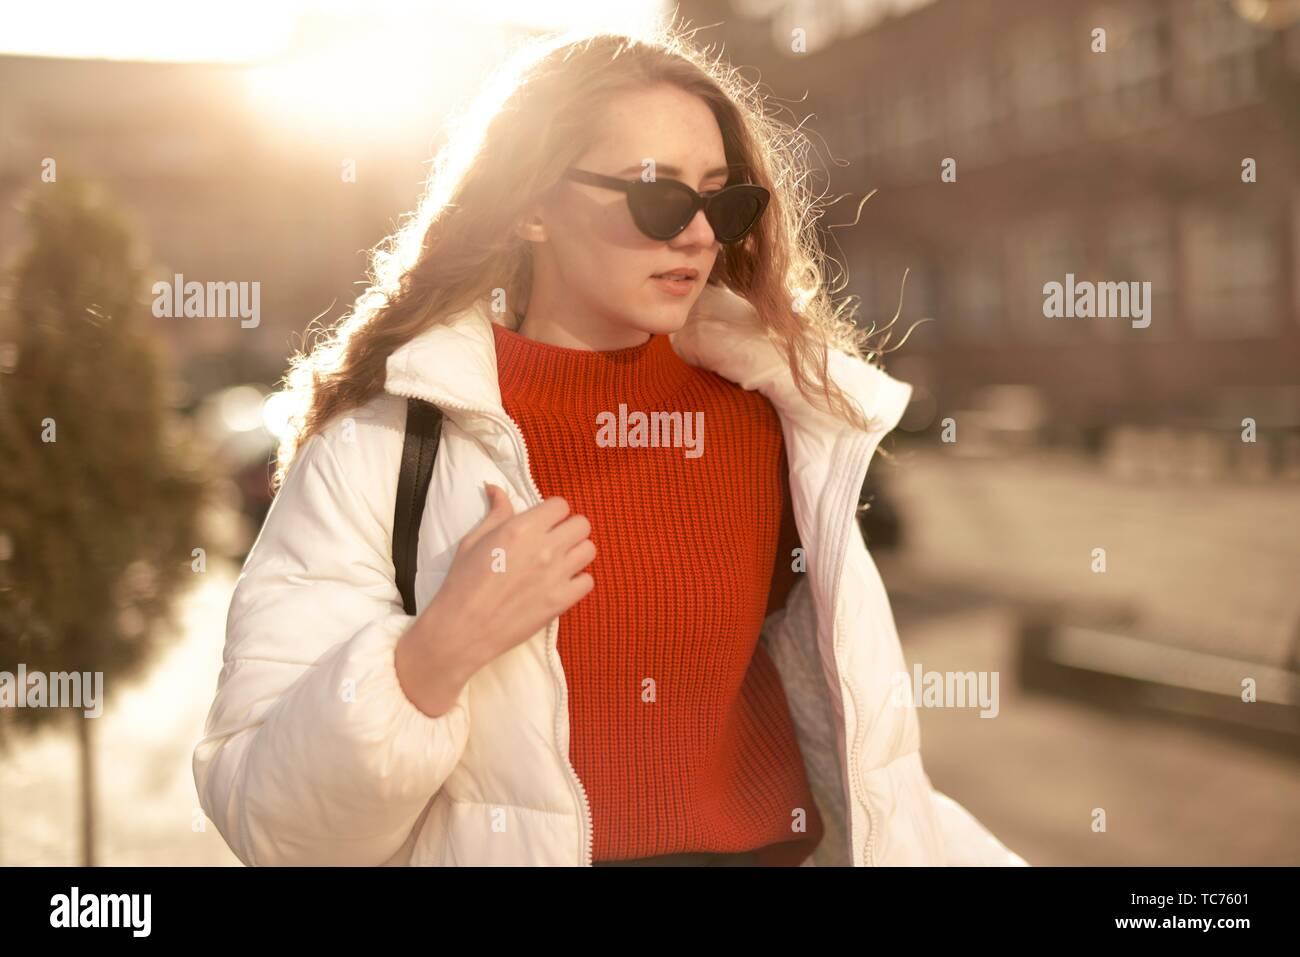 Junge elegante Frau mit Sonnenbrille, obere Körper geschossen, in der Stadt Cottbus, Brandenburg, Deutschland. Stockbild